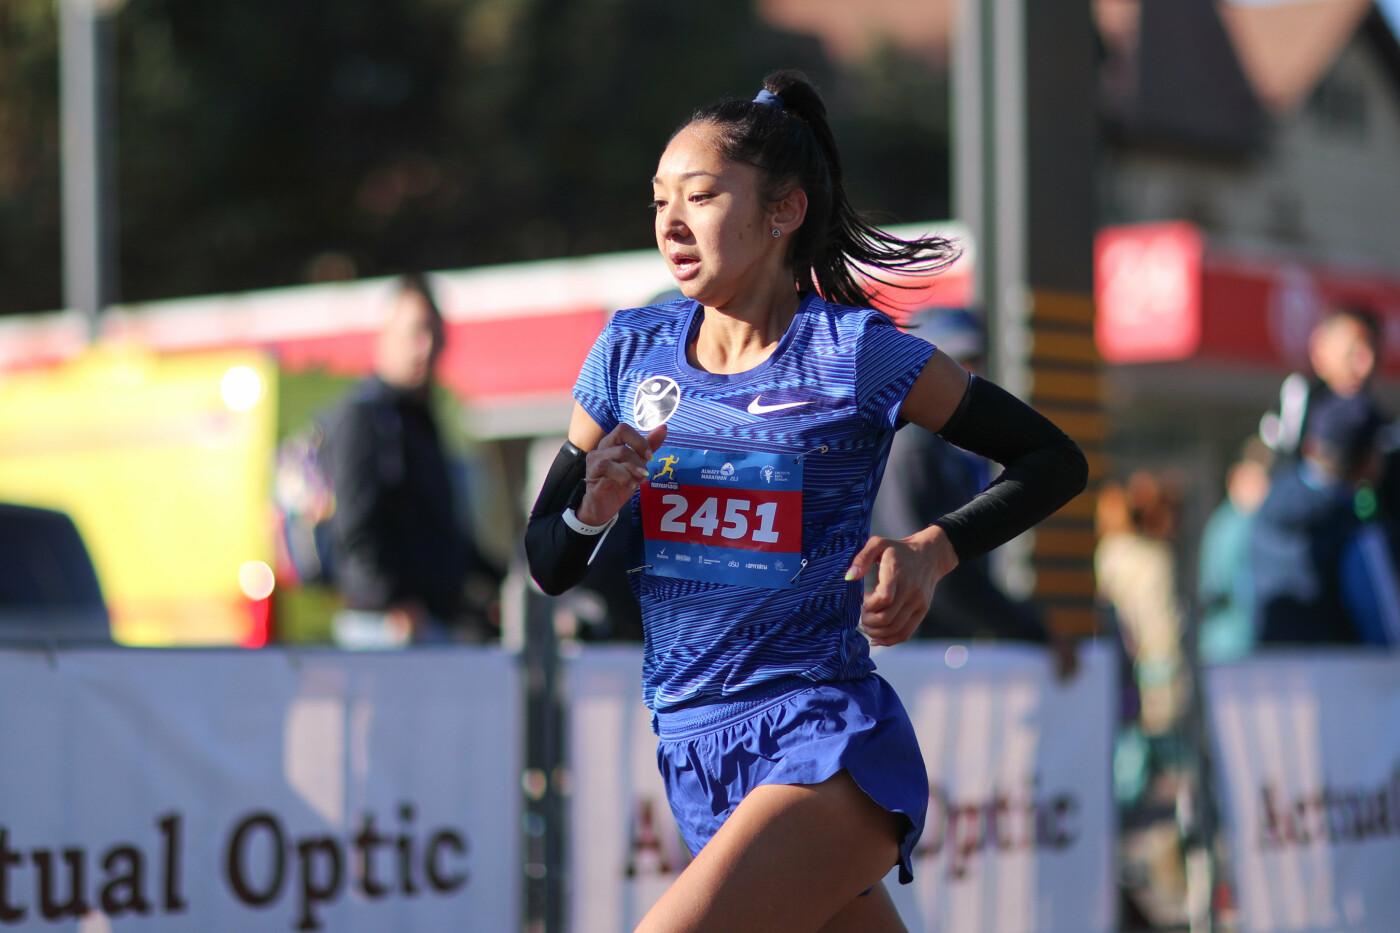 В Алматы состоялся полумарафон спортсменов-любителей (фото), фото-2